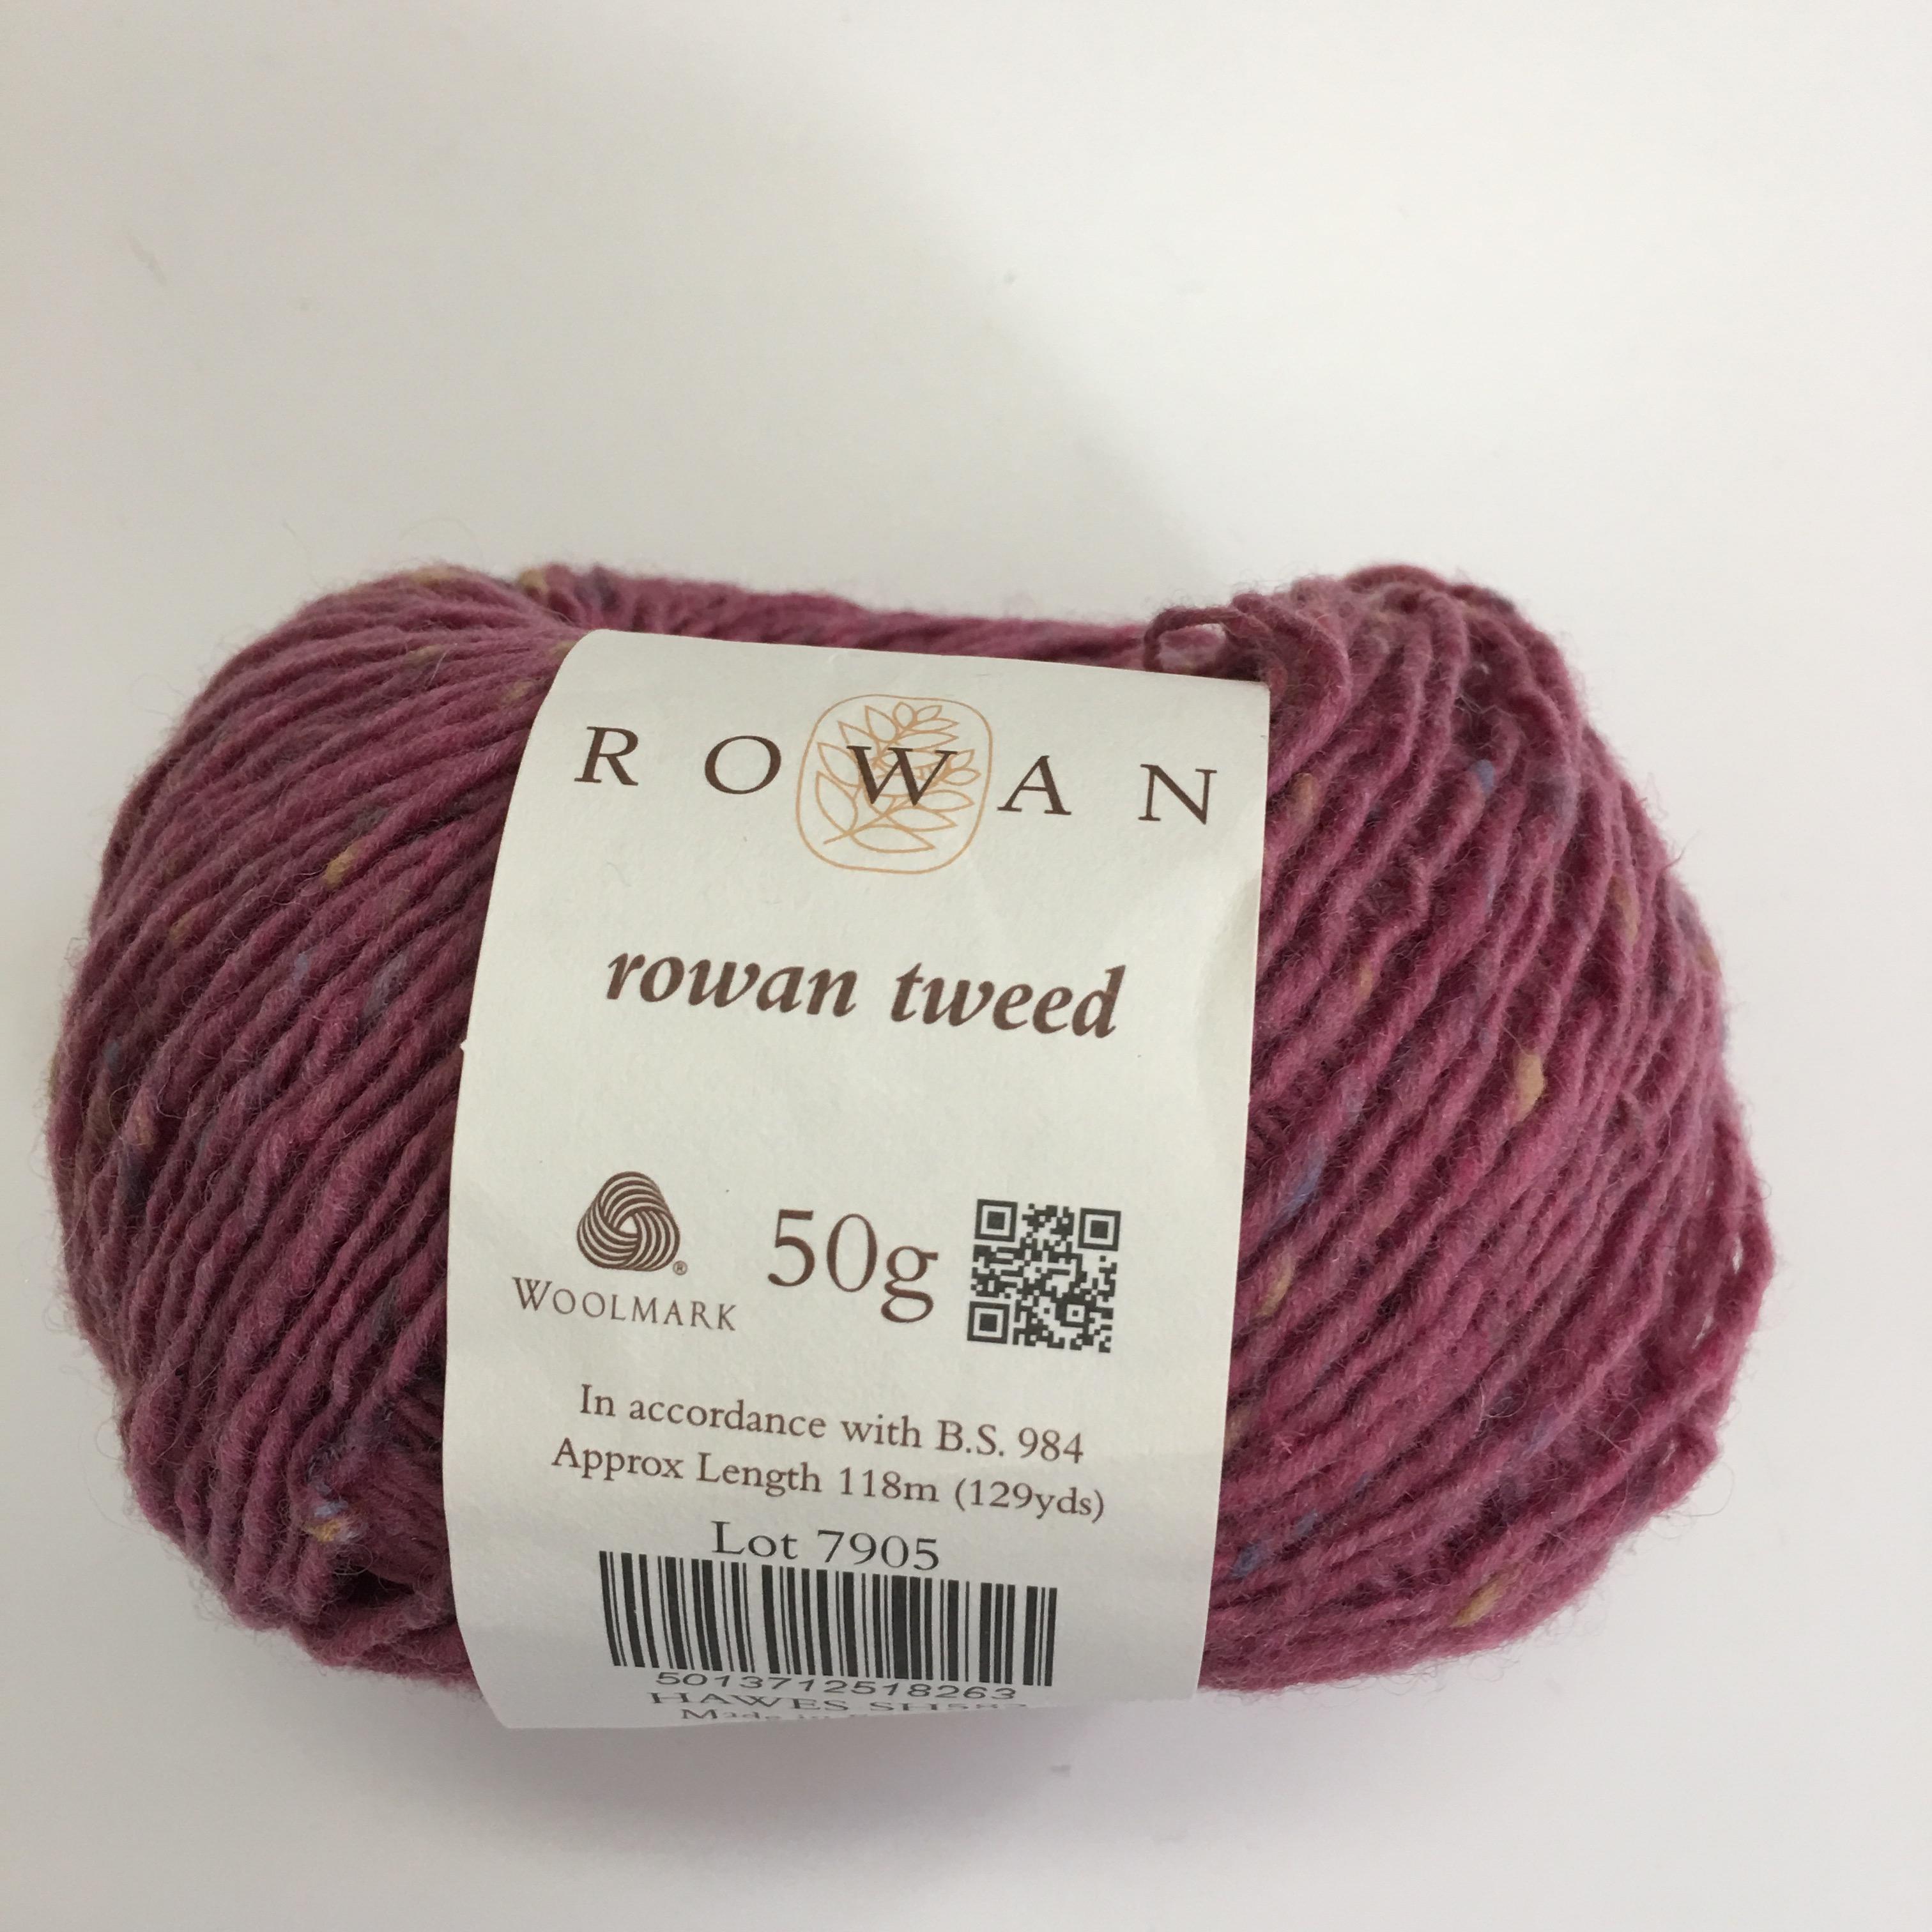 Rowan|Tweed